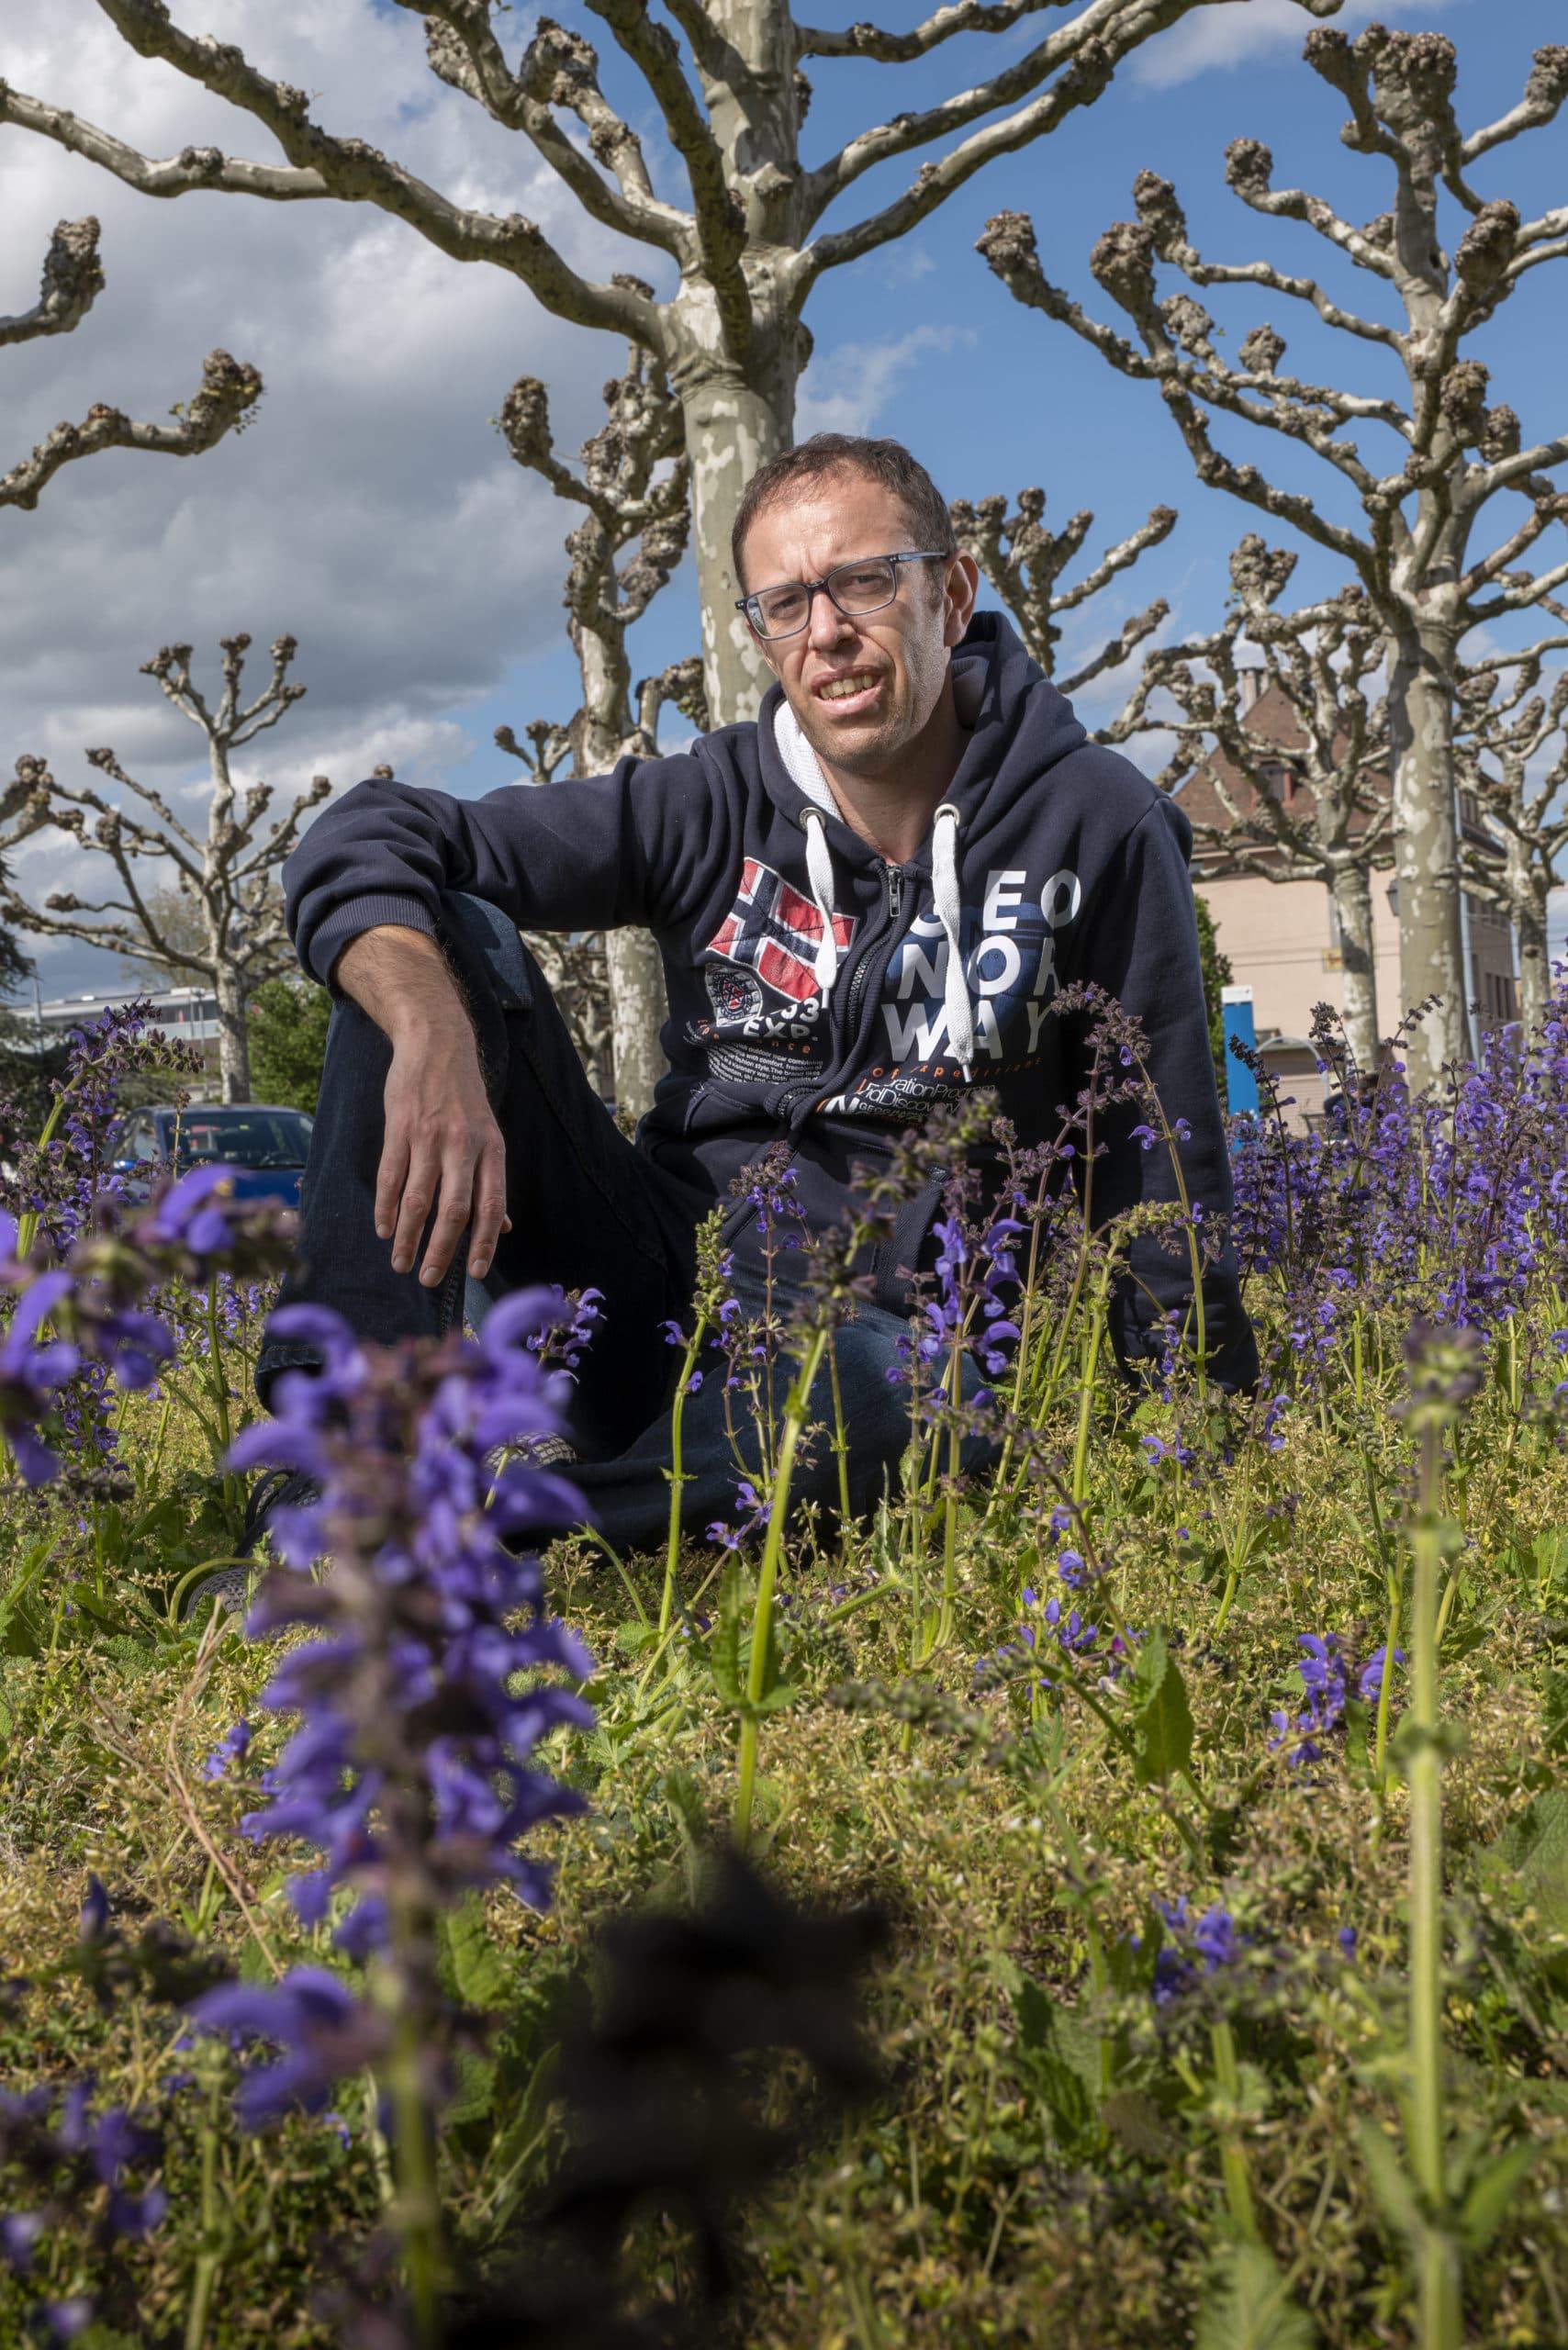 Portrait de Arnaud, membre du Forum Citoyen de Genève